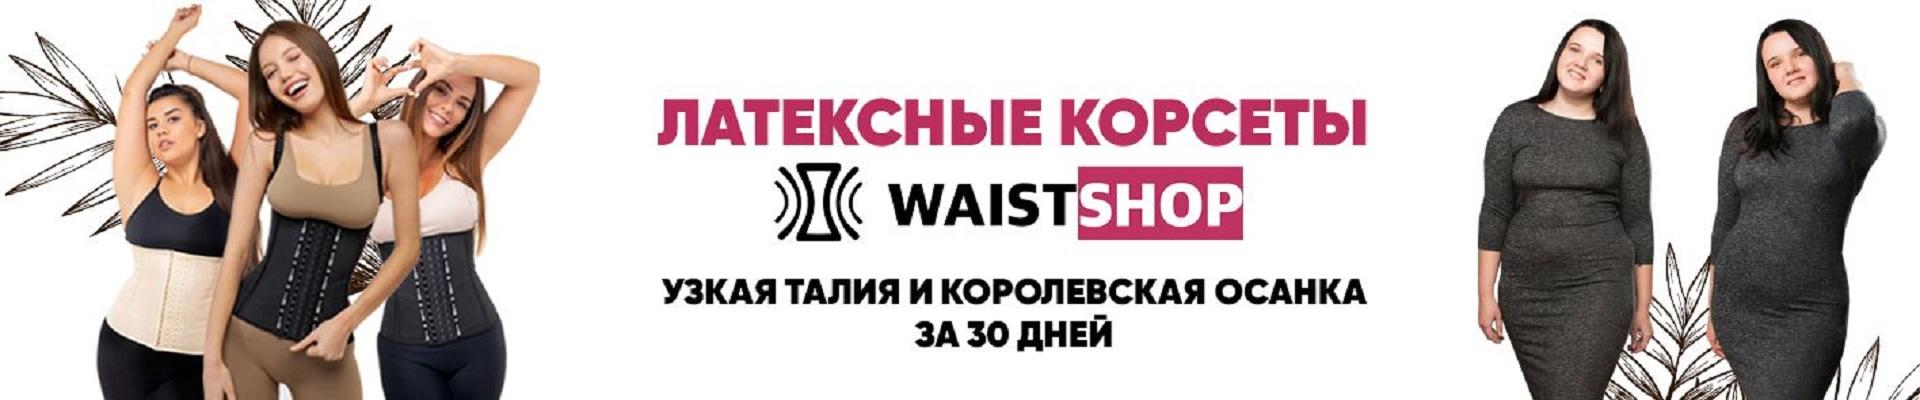 WAISTSHOP